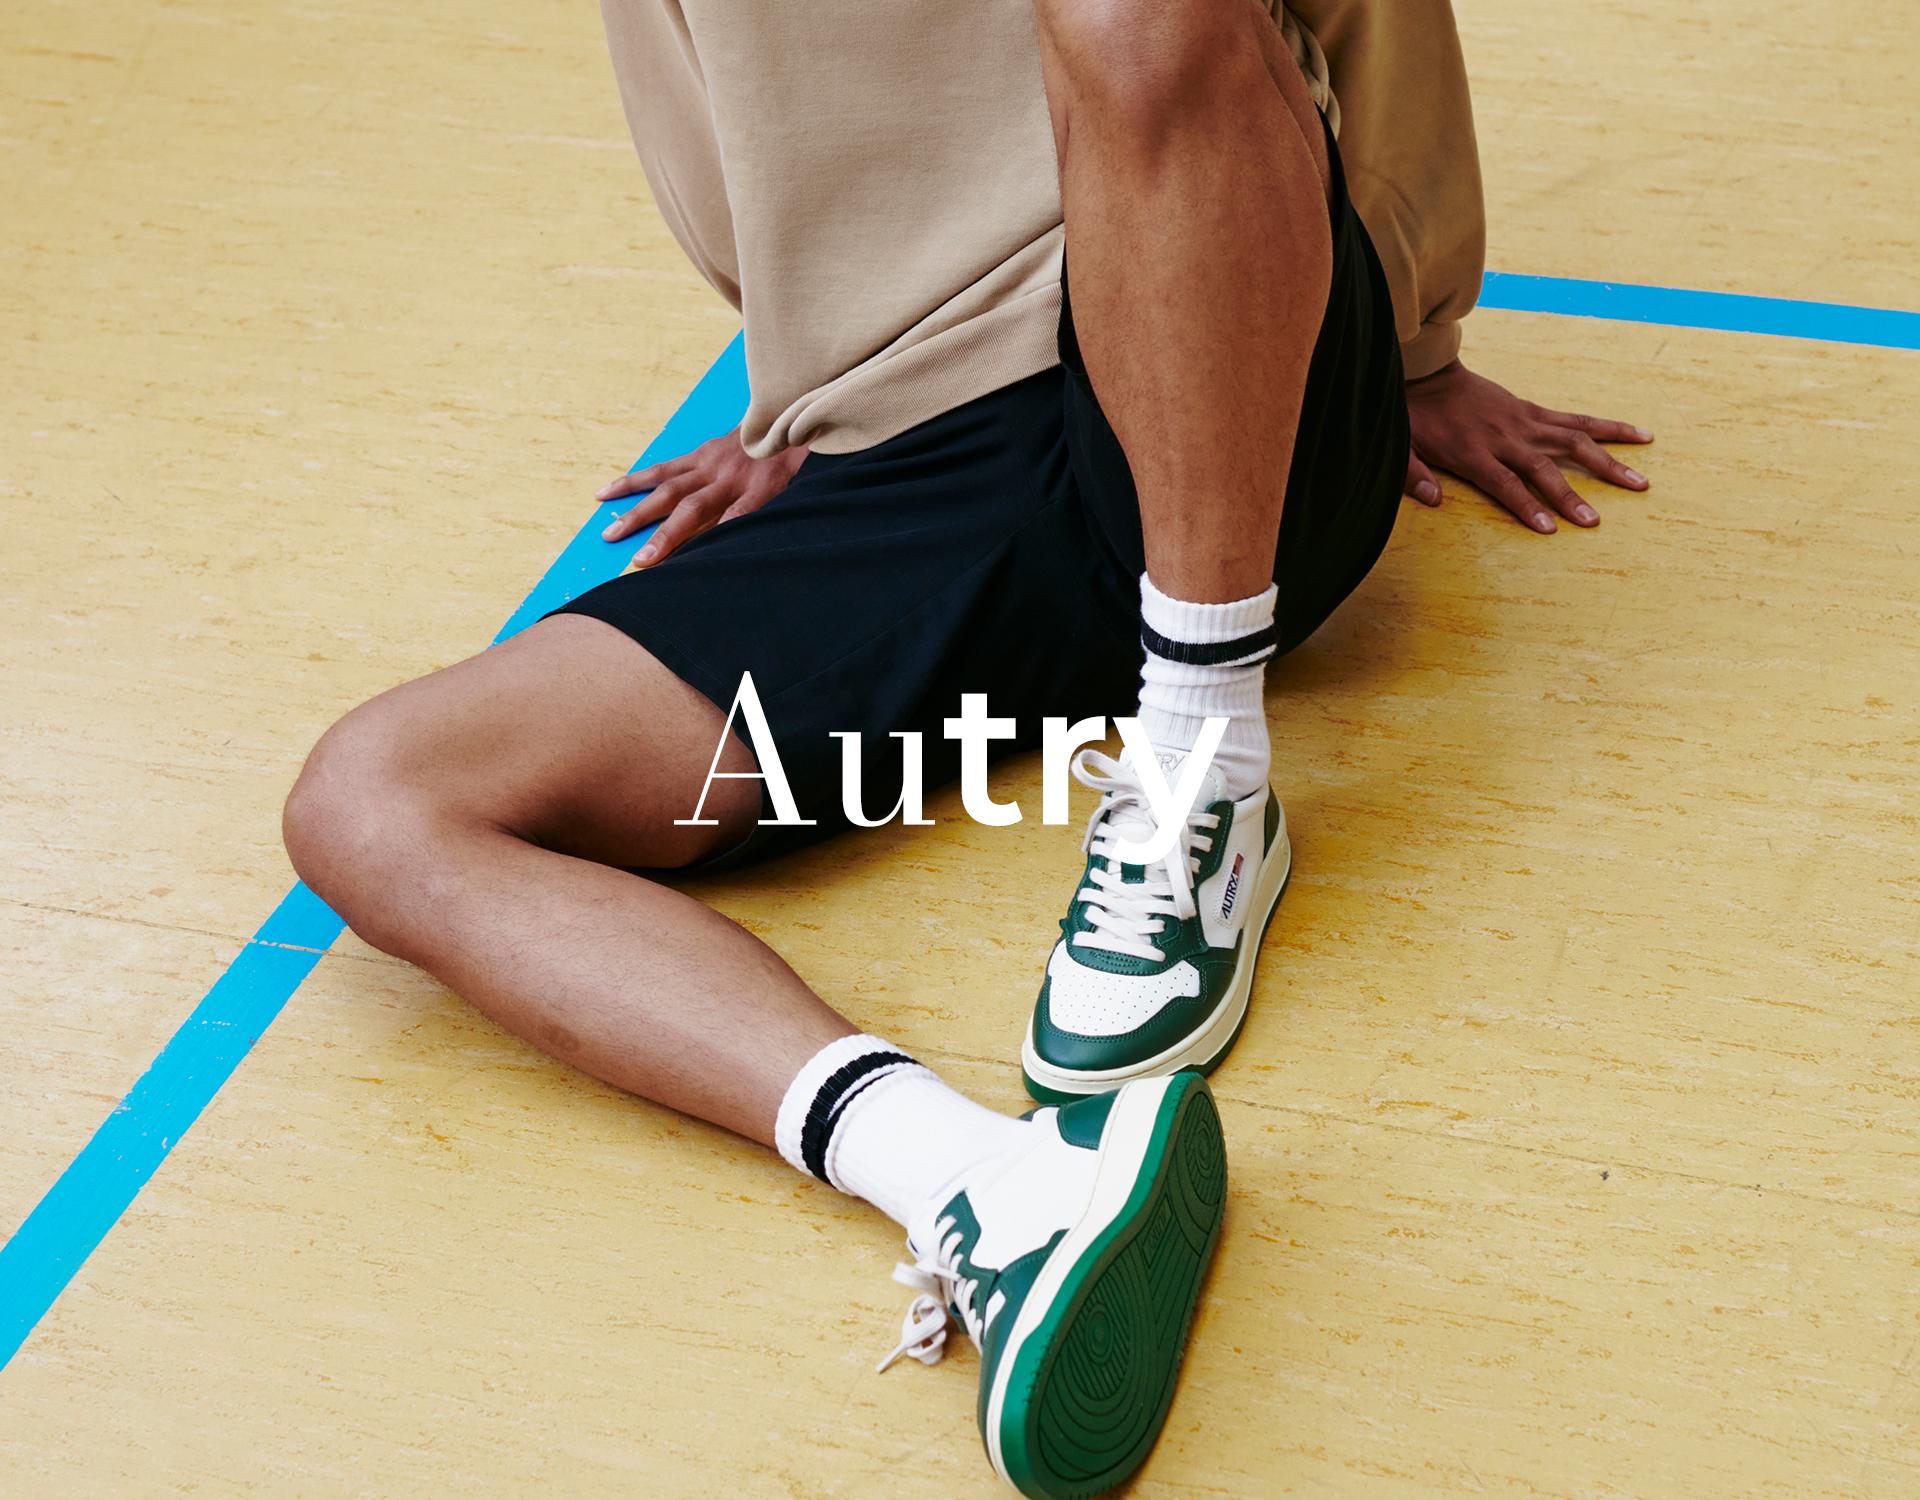 Mann sitzt in einer Turnhalle und trägt Autry Sneakers